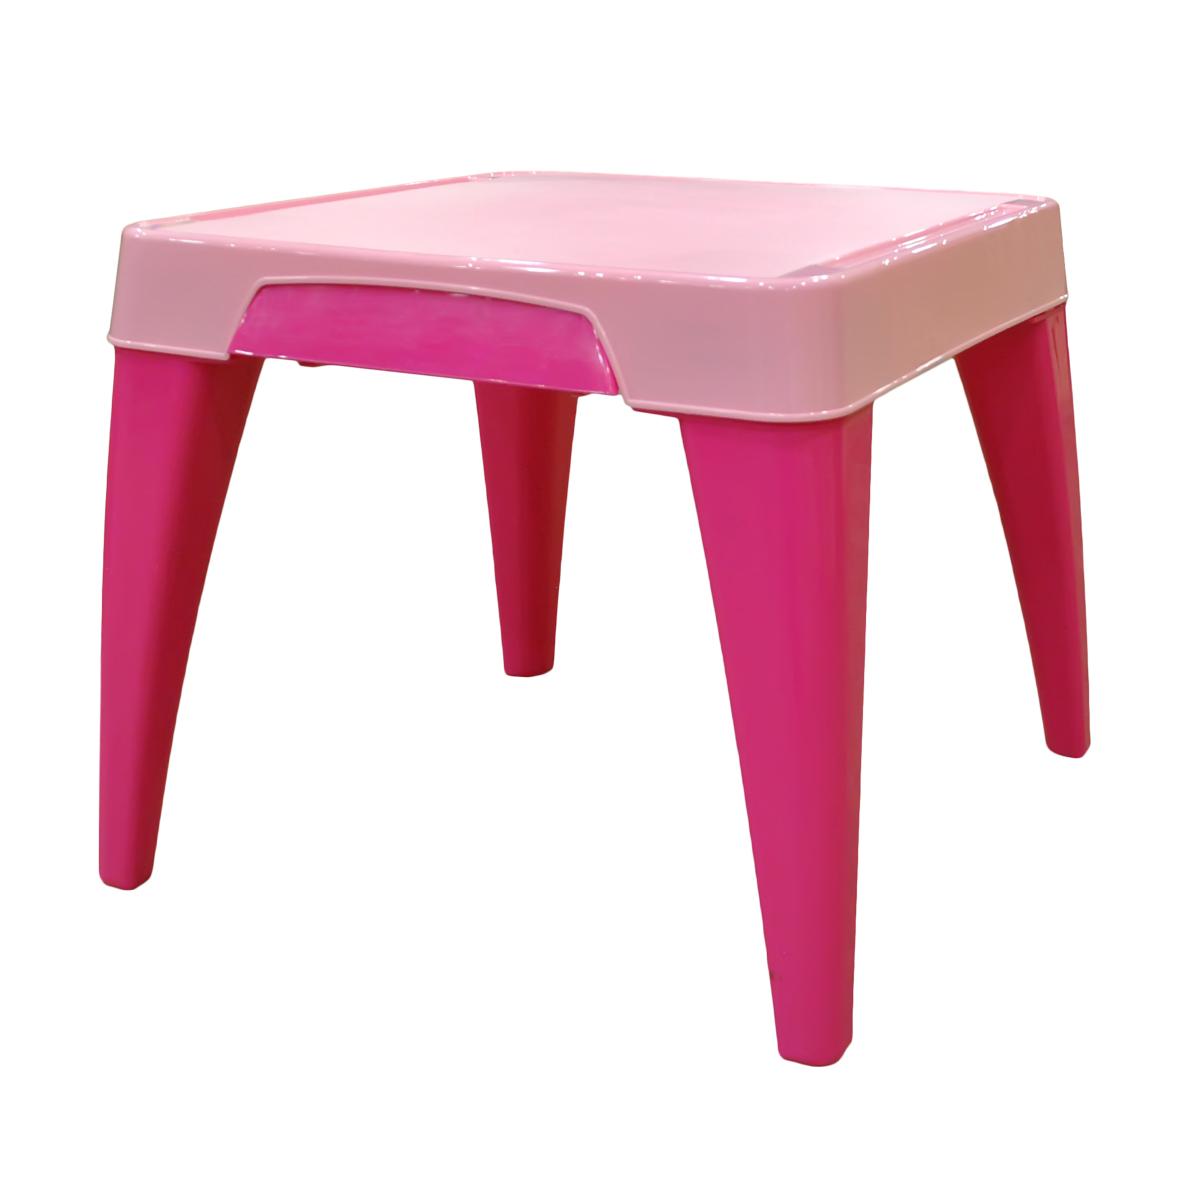 """Детский стол от Little Angel """"Я расту"""" – ваш верный спутник в организации комфорта для малыша. Оптимальные пропорции и продуманная с учетом всех потребностей ребенка конструкция, делают стол идеальным для обучения, игр и приема пищи. Закругленные углы столешницы и ножек для безопасности малыша. Выдвижной ящик для хранения важных мелочей. Углубления по краям столешницы для карандашей, ручек и кисточек. Нескользящая поверхность стола для комфортных игр и обучения. Противоскользящие накладки на ножках для использования на любой поверхности. Особо прочная конструкция ножек стола для надежной и безопасной эксплуатации."""